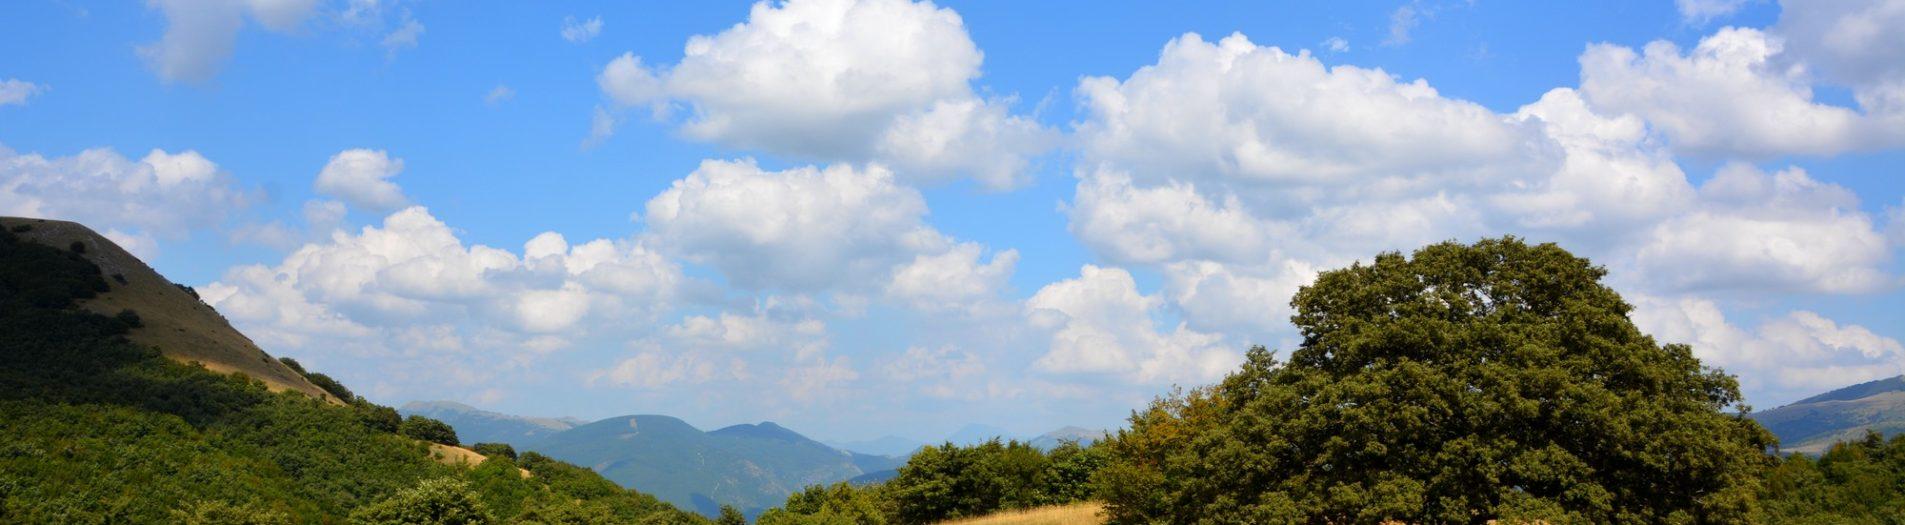 Monte Alago, discovering the region Umbria